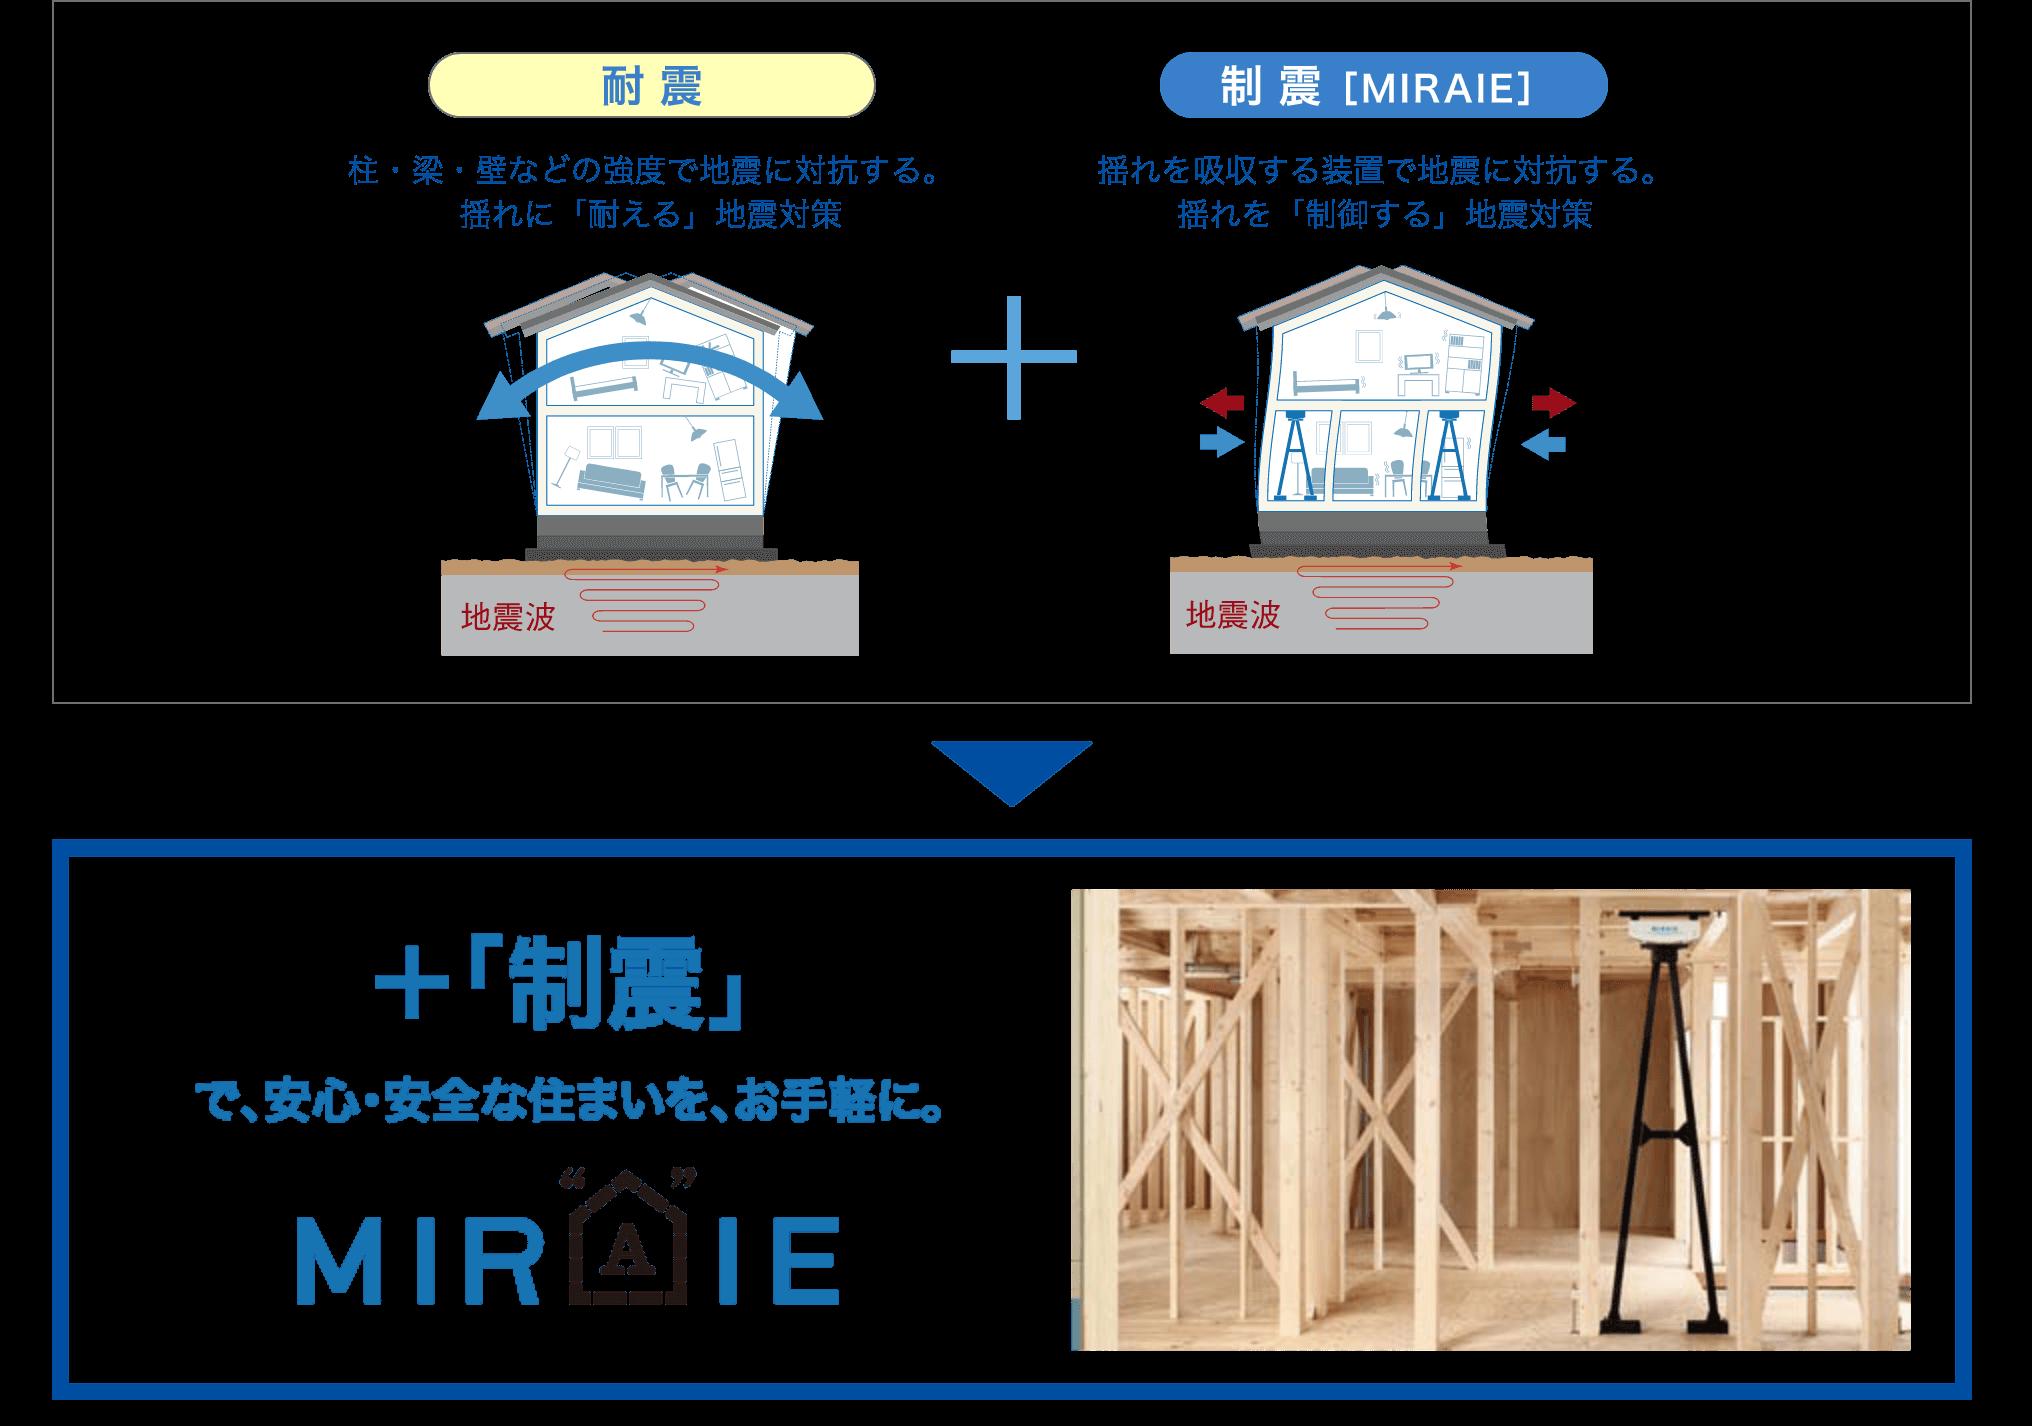 ミライエ仕様の耐震住宅のイメージ